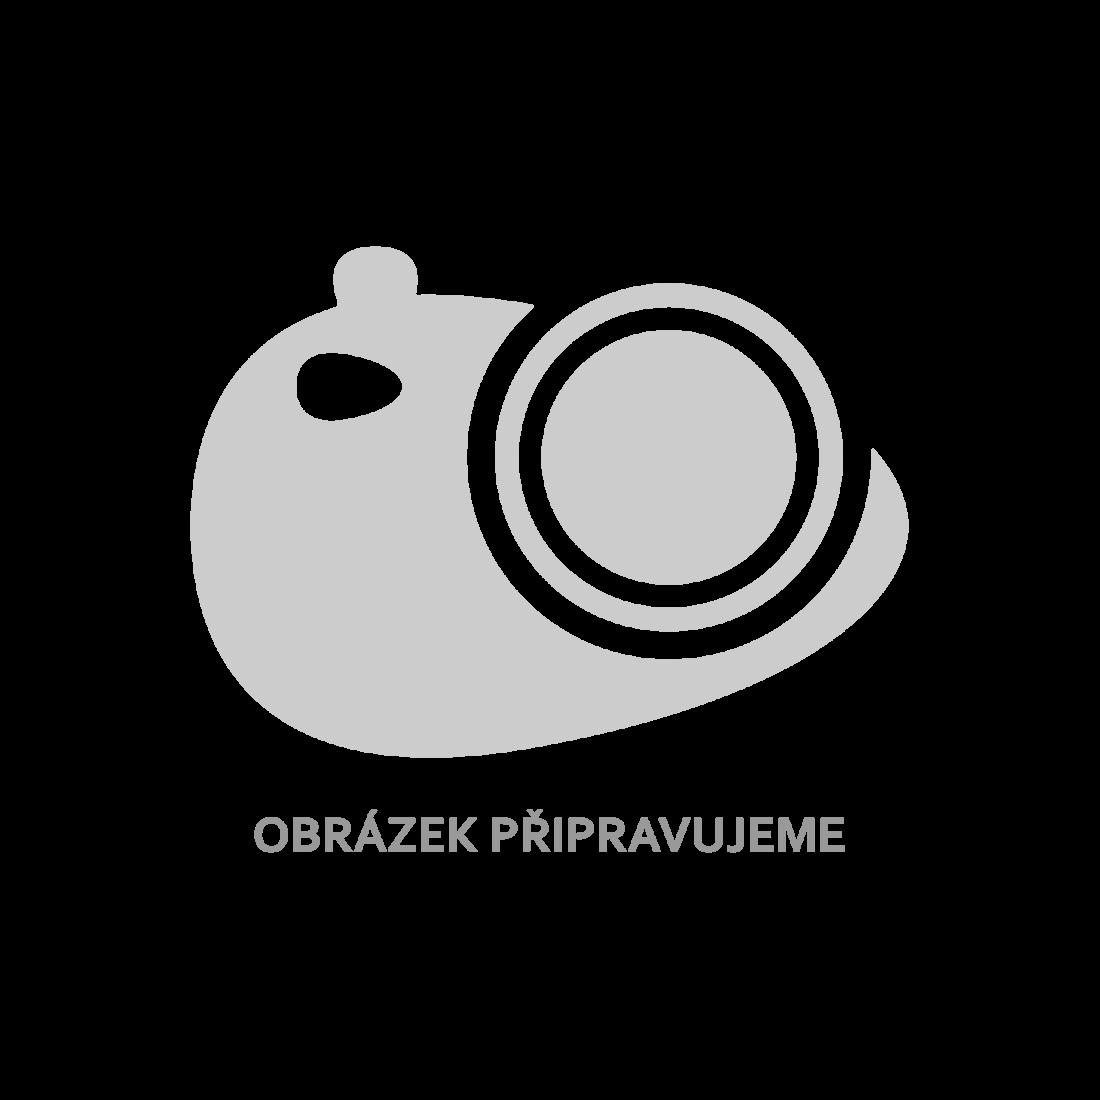 vidaXL Stolní deska bílá Ø 80 cm mramorové sklo [285183]